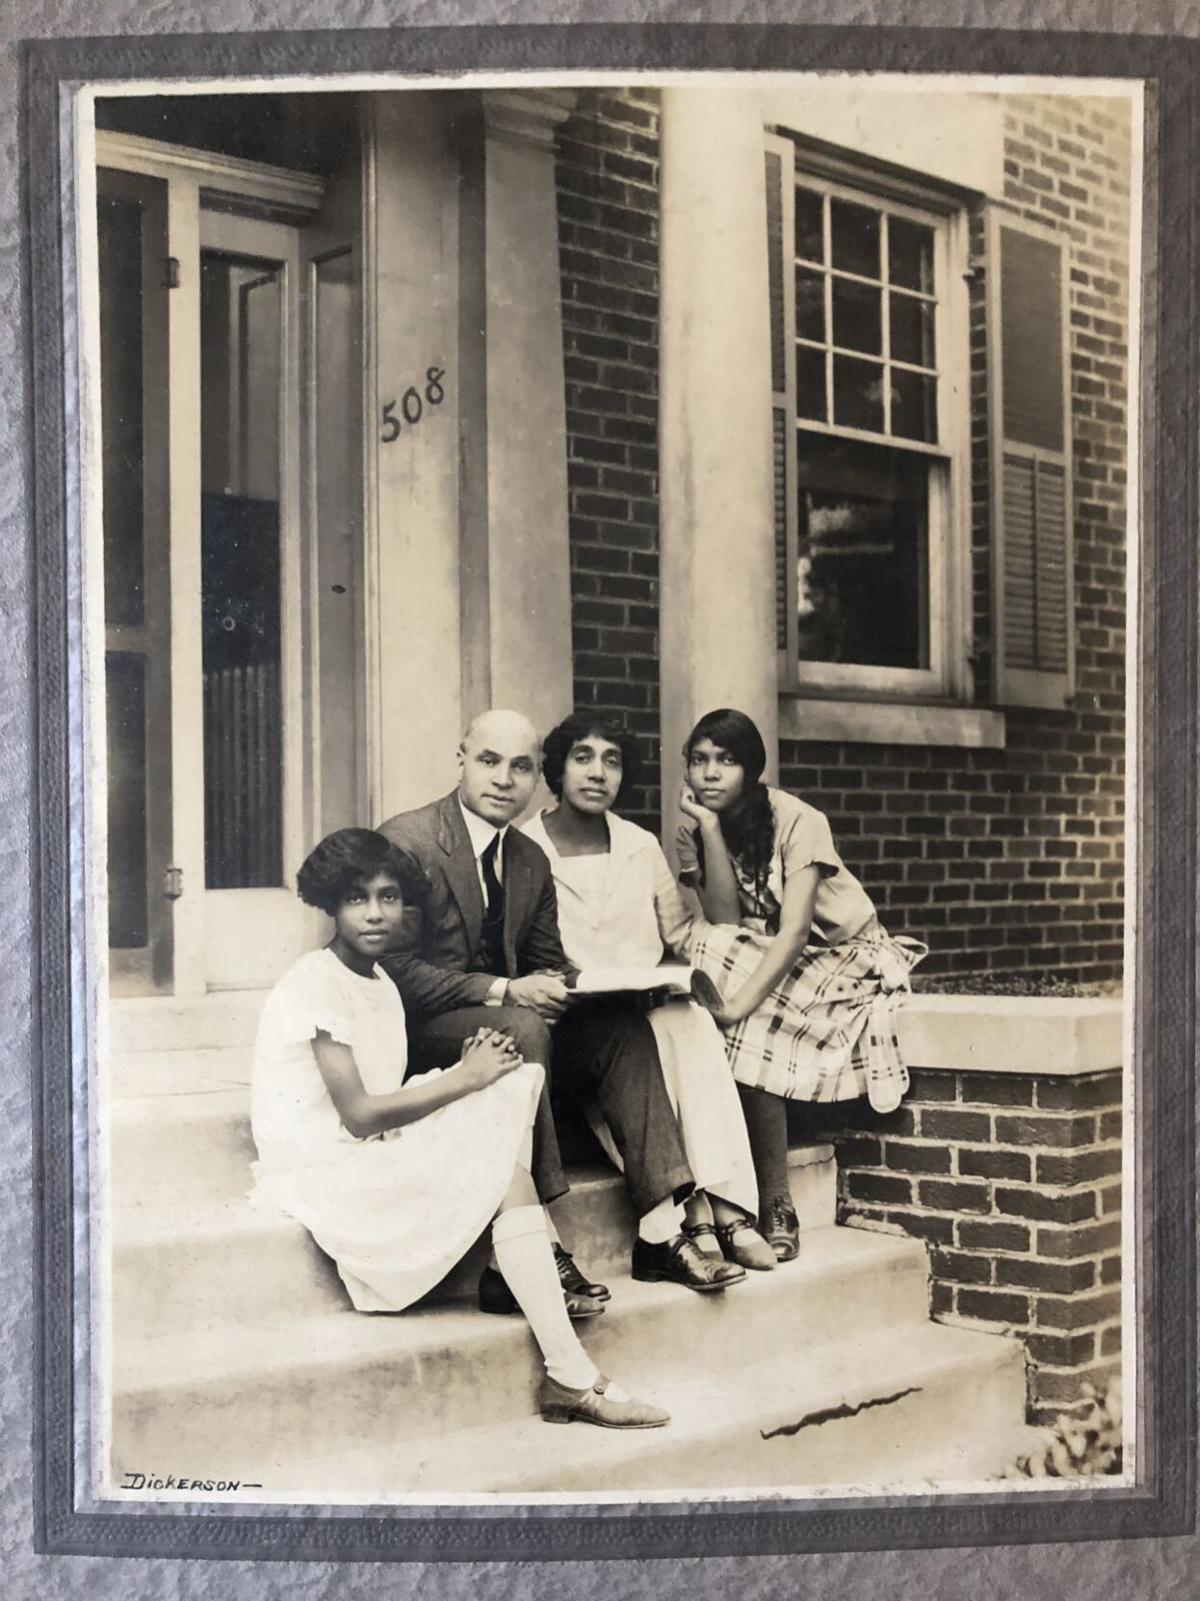 The Hughes family.